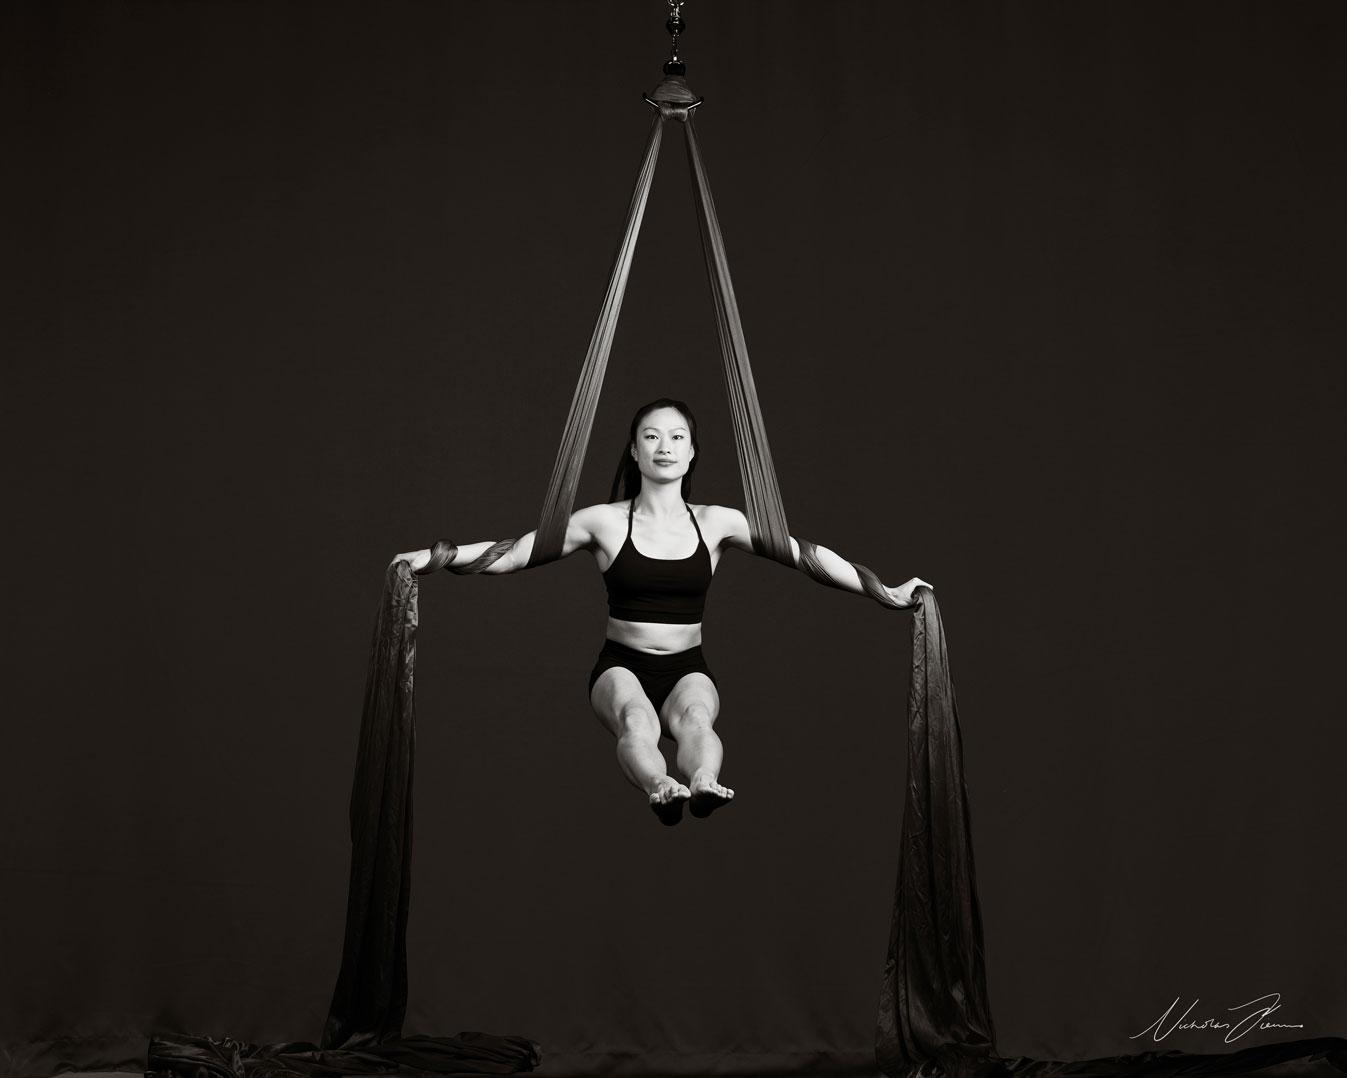 Circus Aerial silks artist